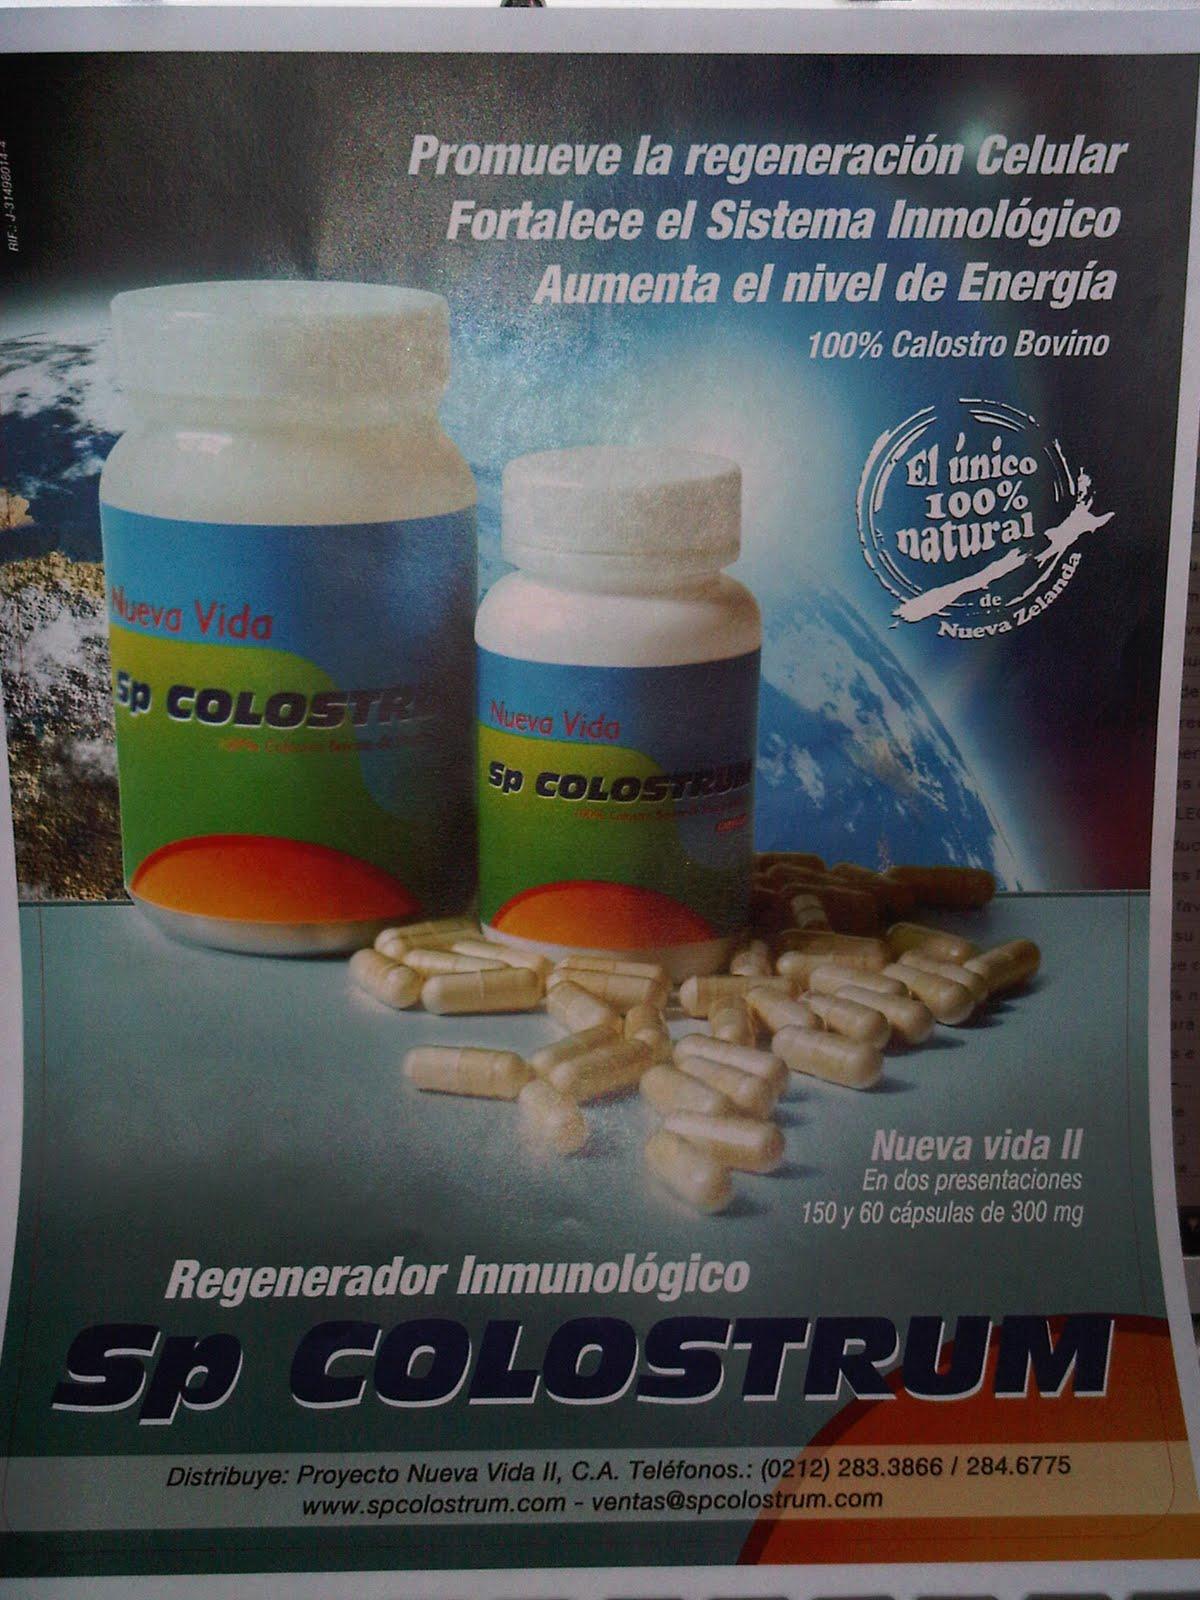 Sp Colostrum, regenerador del sistema inmunológico ÚNICO 100 % natural de Nueva Zelanda